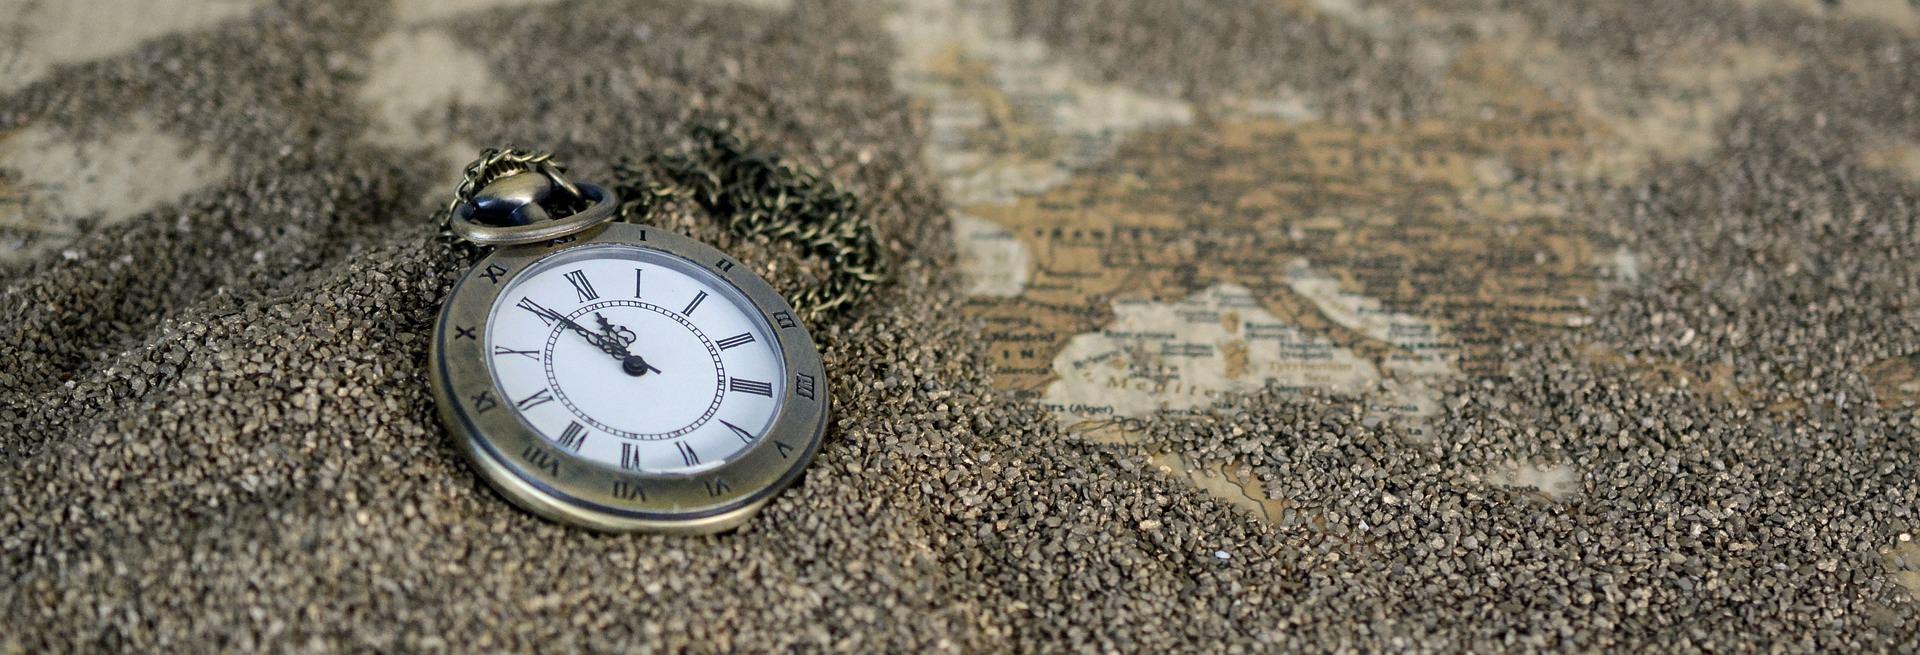 nostalgia zegar przemyślenia